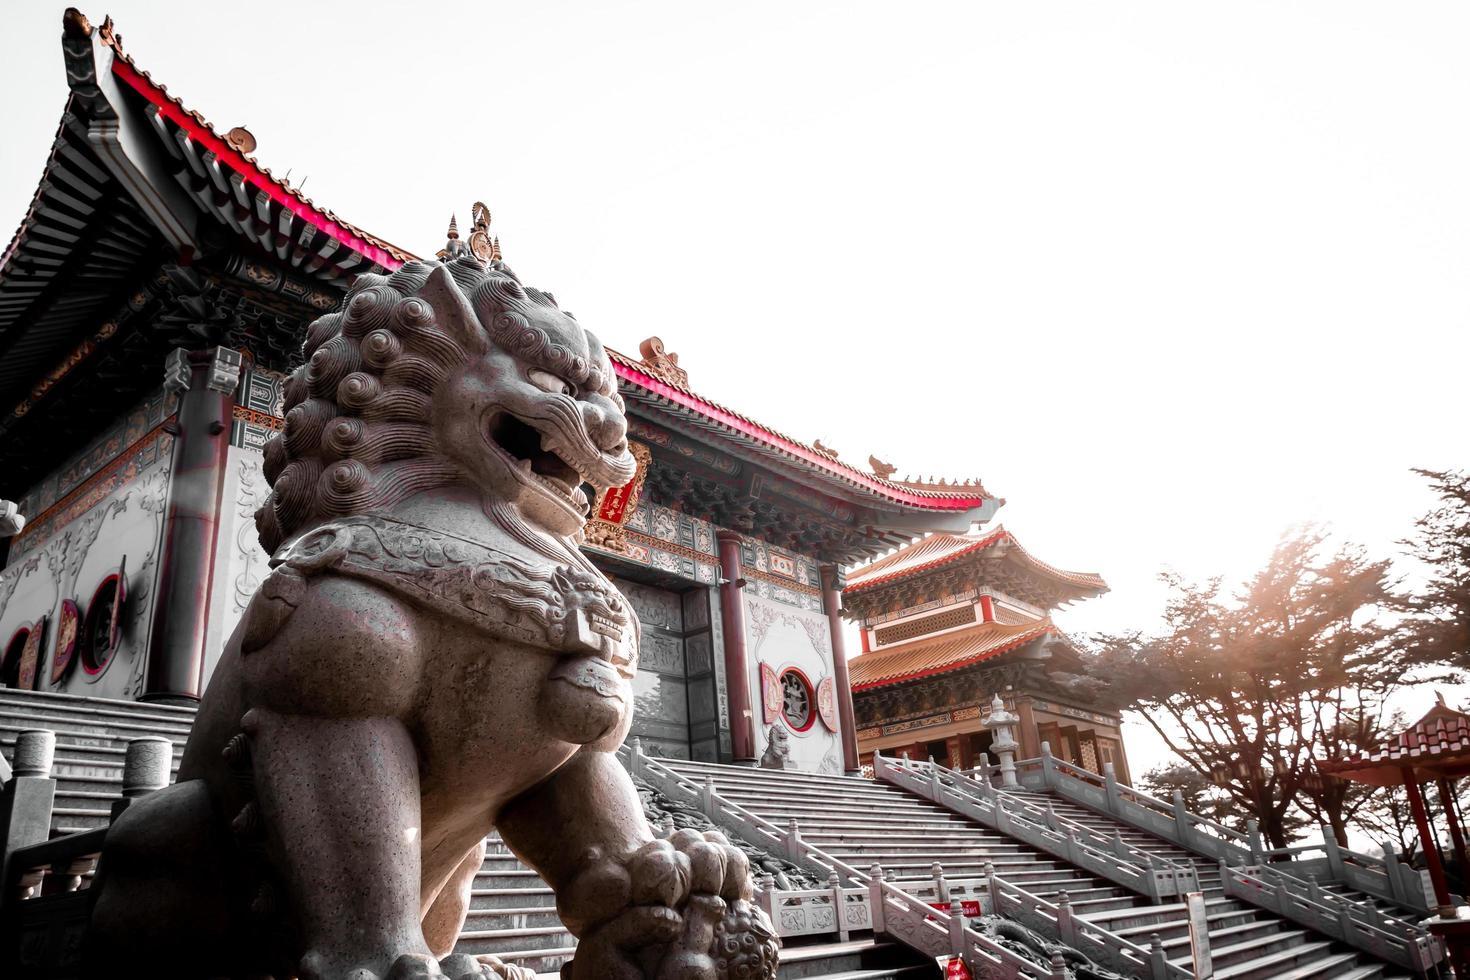 Estatua de piedra de león en el templo chino en Tailandia foto